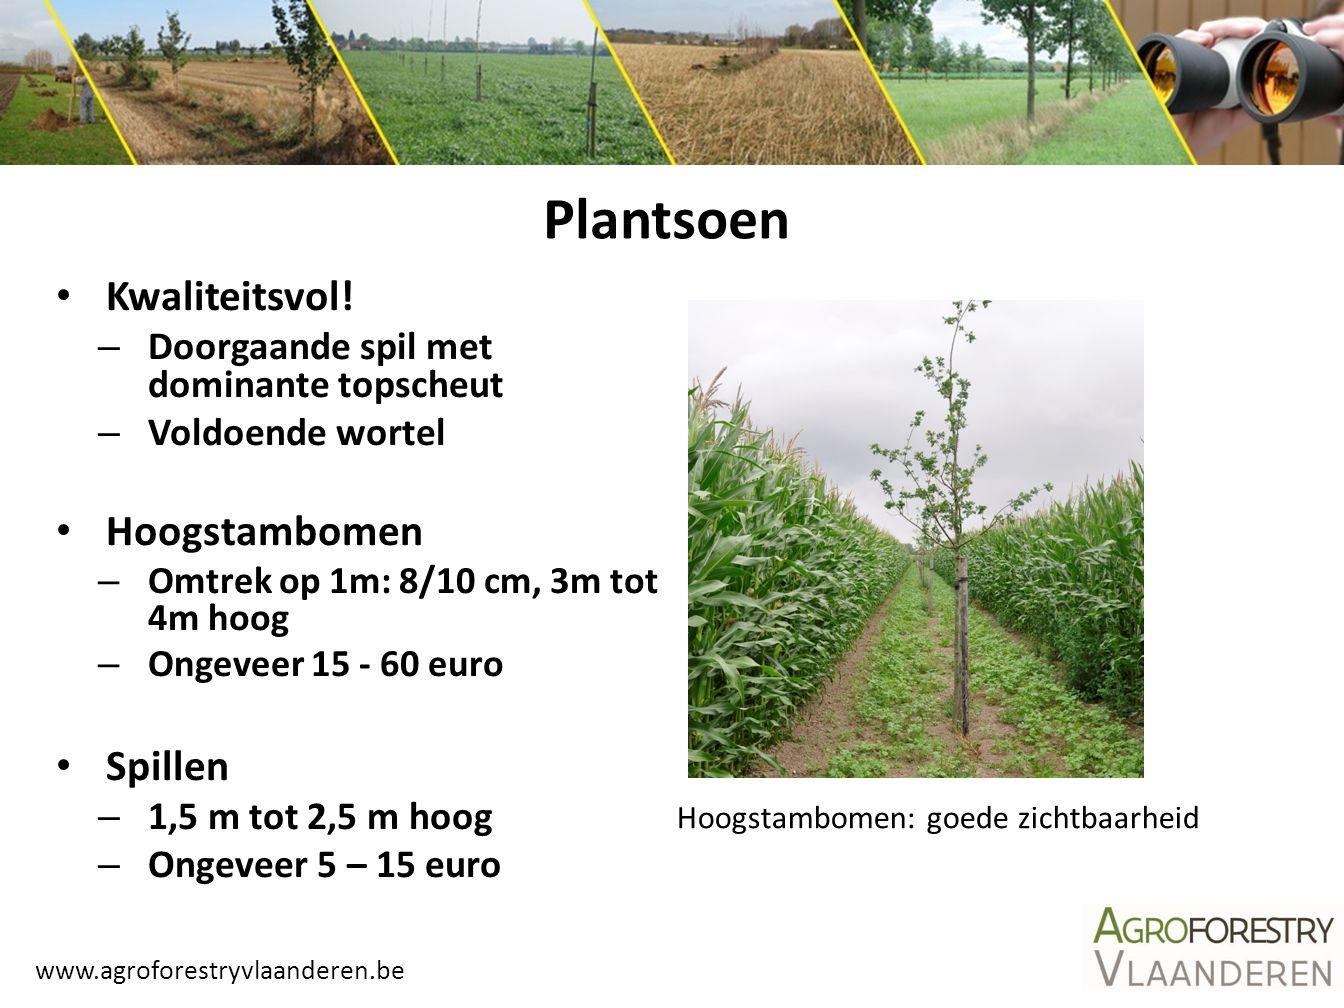 www.agroforestryvlaanderen.be Plantsoen Kwaliteitsvol! – Doorgaande spil met dominante topscheut – Voldoende wortel Hoogstambomen – Omtrek op 1m: 8/10